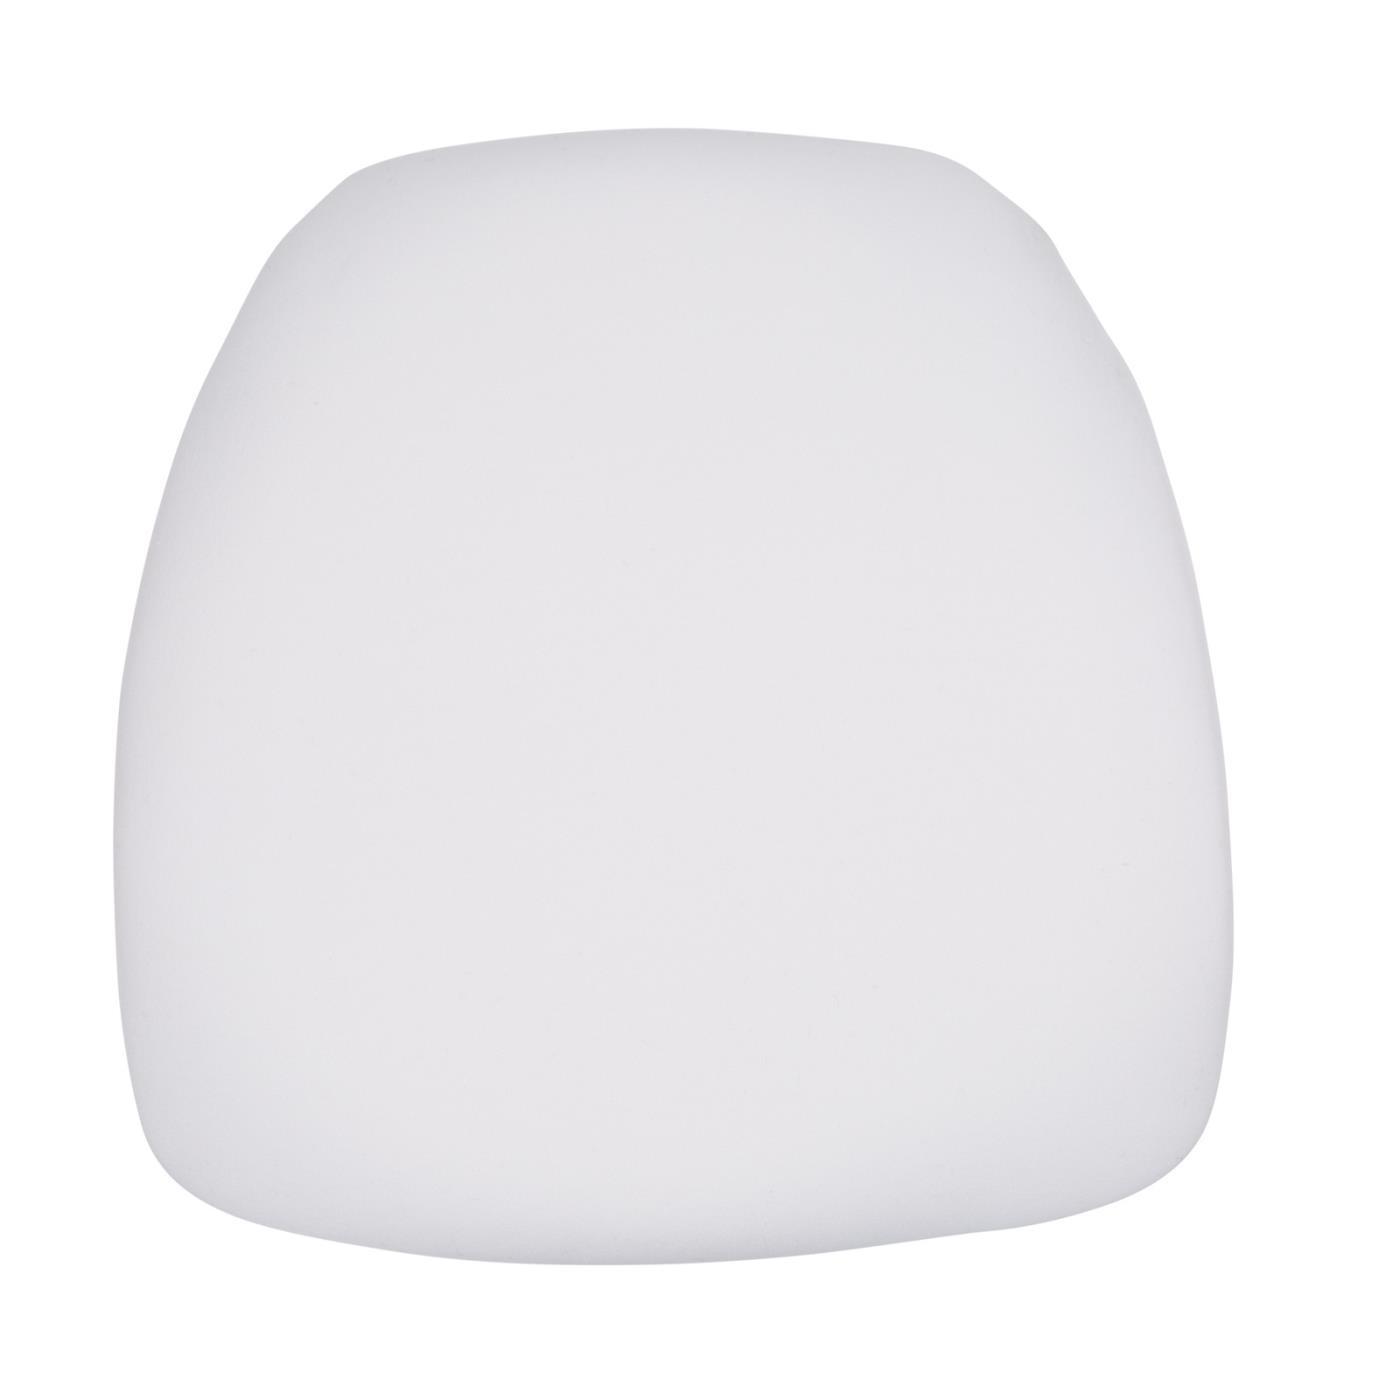 Cushion Caps